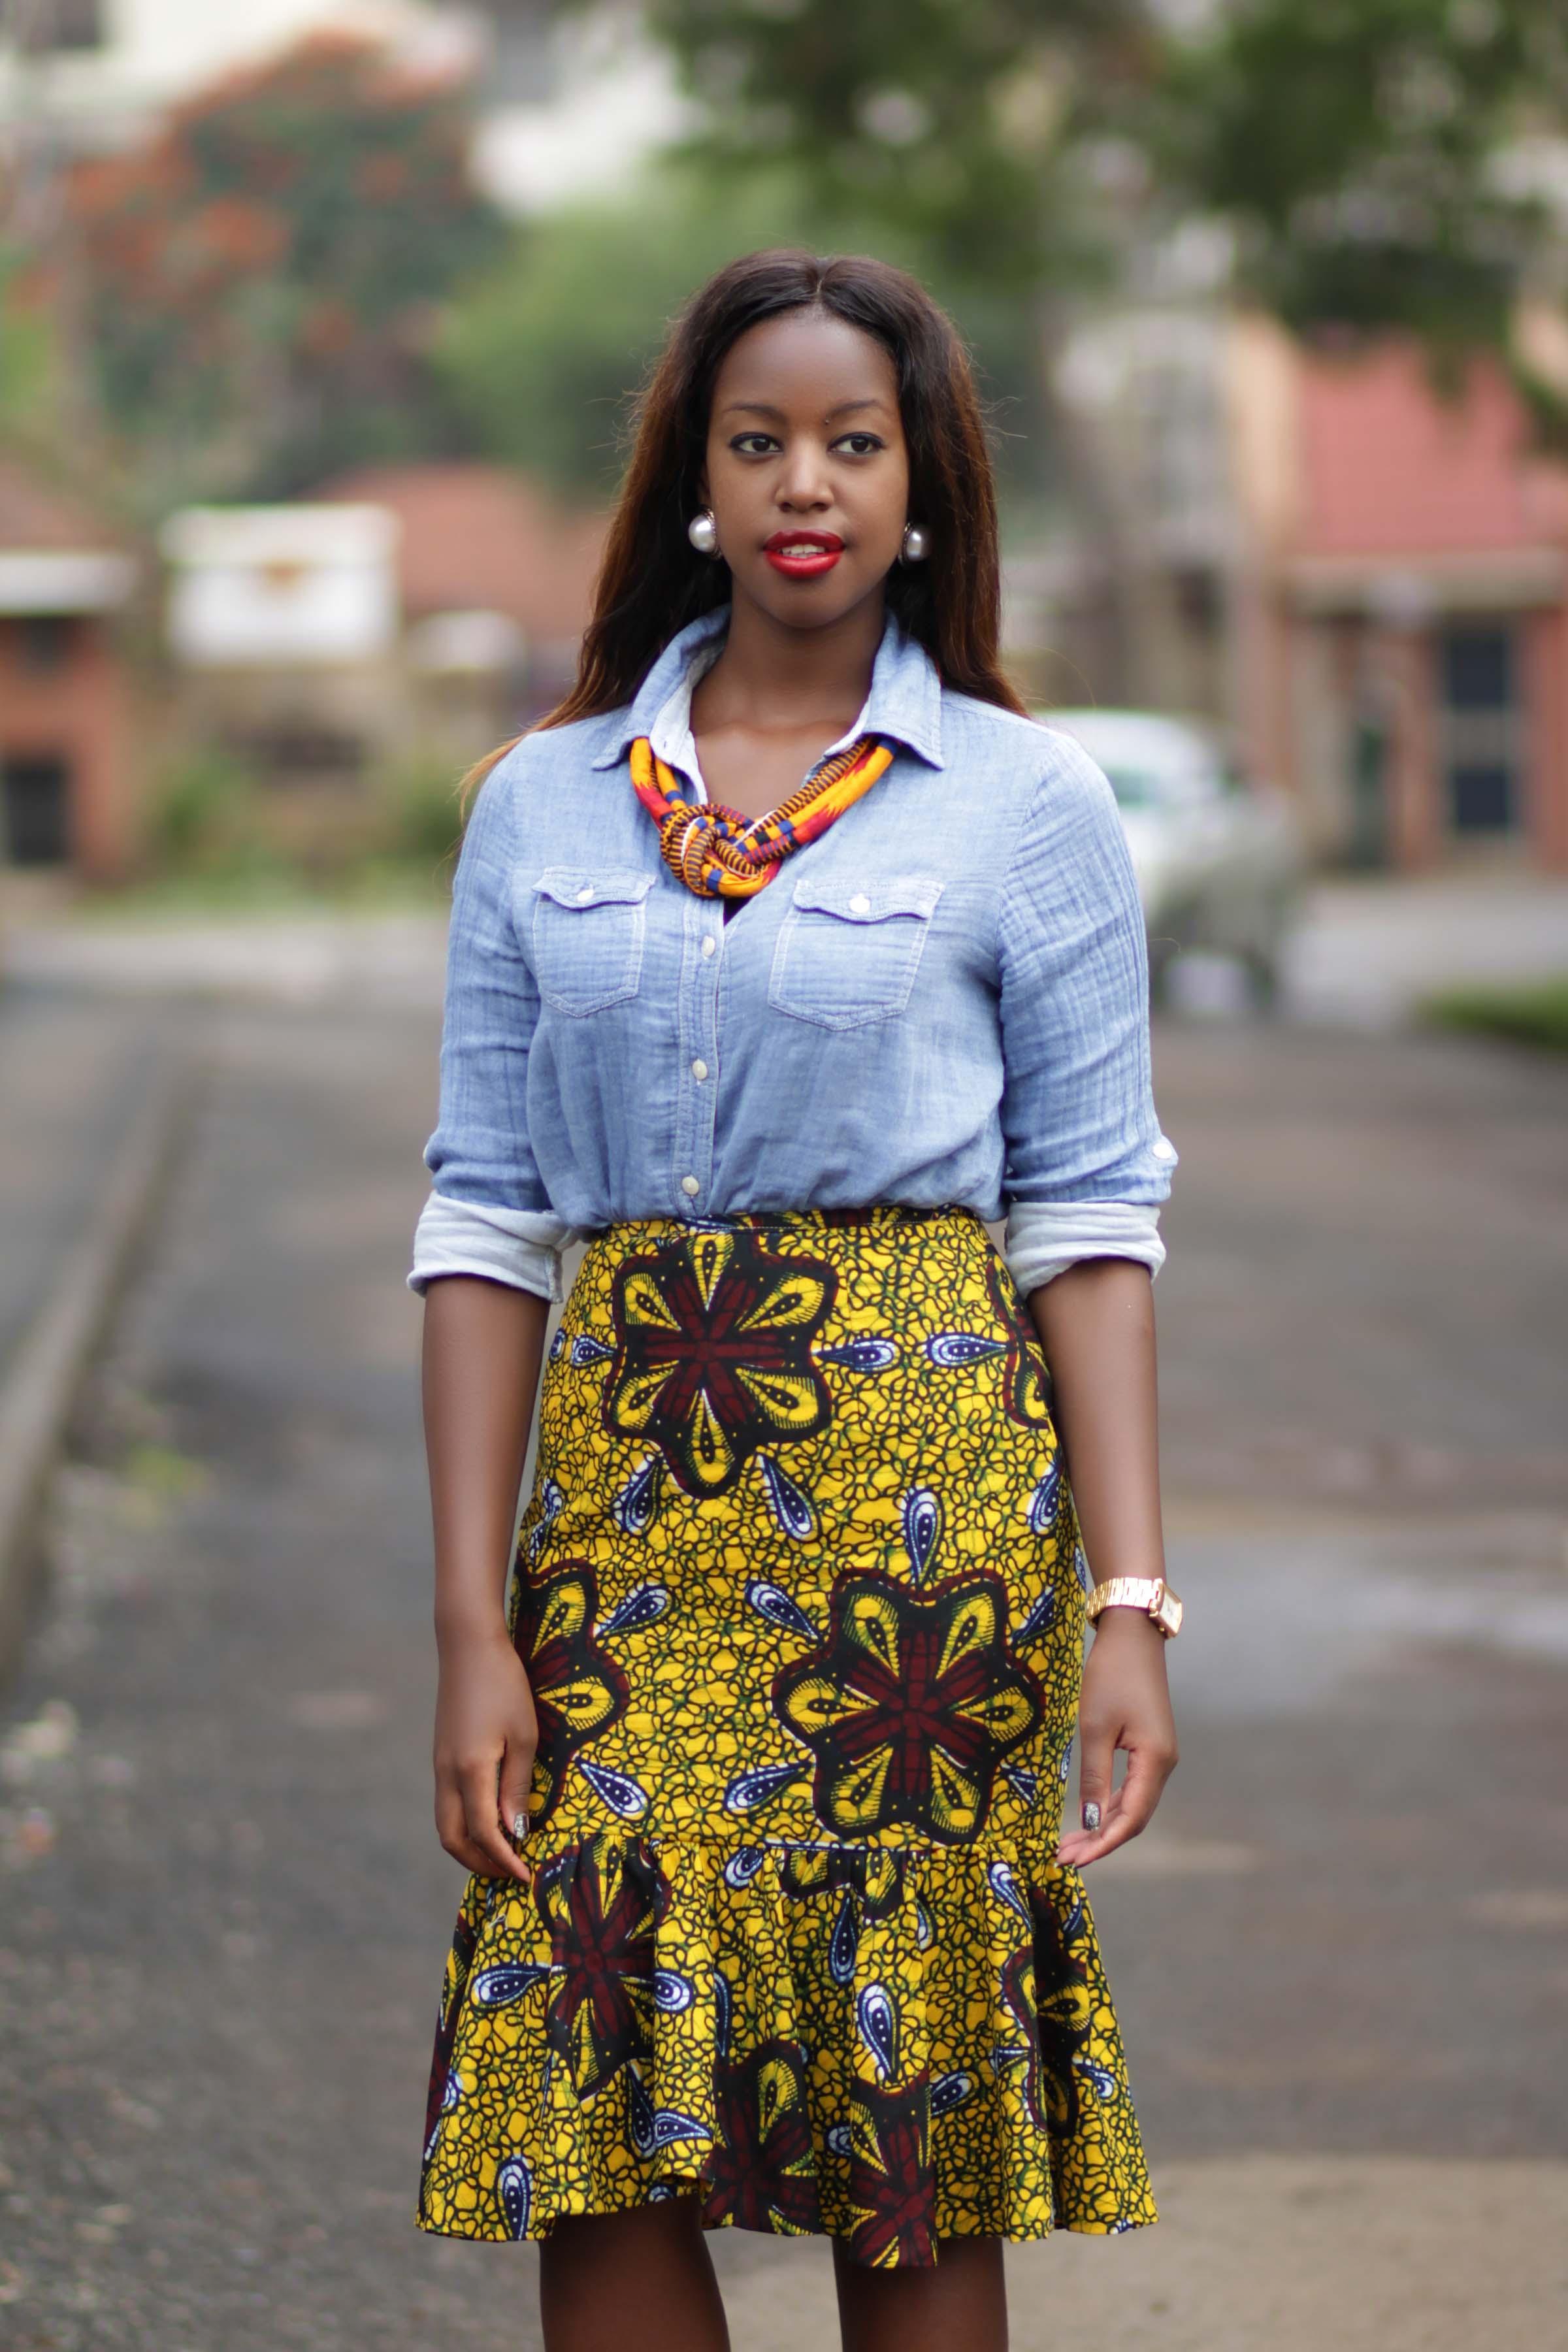 Kenyan Fashion Photographer | Denim and Cateye Ngurario,Ruracio,Traditional Wedding-Kenyan Traditional Wedding Photographer -Kenyan Fashion Photographers,Best Nairobi Kenyan Fashion Photographers,Top Kenyan Best Wedding Photographers,Nairobi-wedding-Photographers-Nairobi-Weddings-Nairobi-Wedding-Photography-Kenya-Wedding-Photographers-Top-Kenya-Wedding-Photography-Nairobi-Kenya-Best-Wedding-Photographers-Top Kenyan Best Photography-Top Fashion Photographer Nairobi Kenya-Best Kenyan Fashion Photographers-Nairobi Wedding Photographers-Nairobi National Park Wedding – Rustic Wedding – Kenyan Weddings – Nairobi Wedding Photographers – Kenyan Wedding Photographers -Kenya best wedding photographers-Top Kenyan Wedding Photography-Karen Weddings-Brookhaven Garden Wedding Karen-Kenyan Best Portraiture Photographers-Nairobi Portraiture Photographers